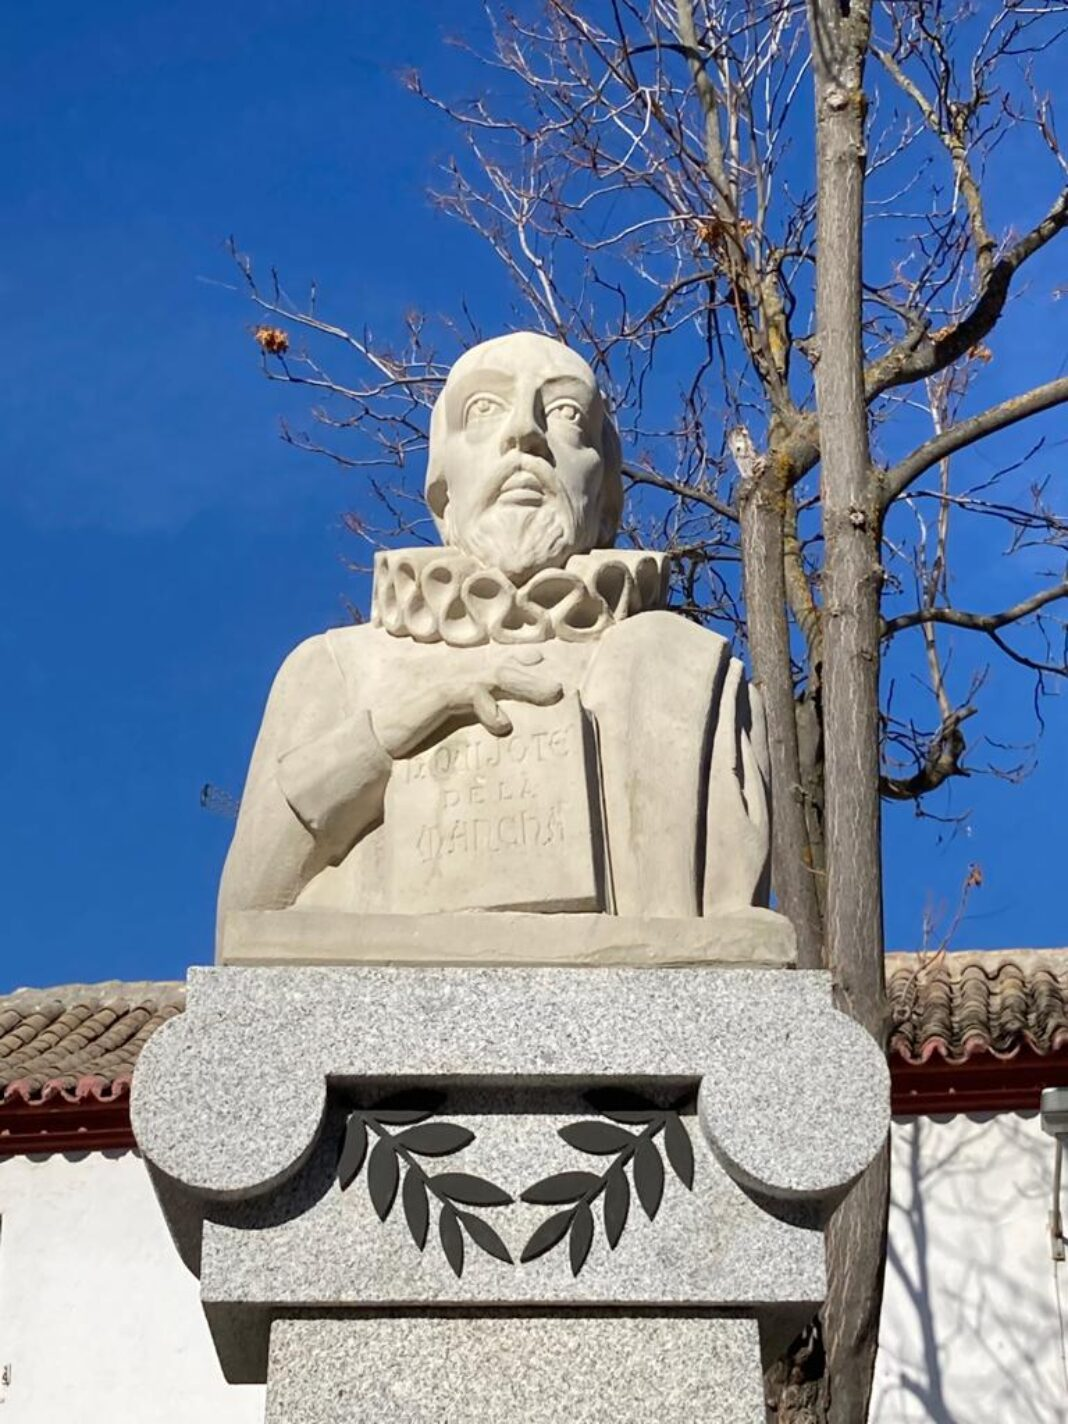 Restaurada la escultura de Cervantes como parte del patrimonio artístico herenciano 19